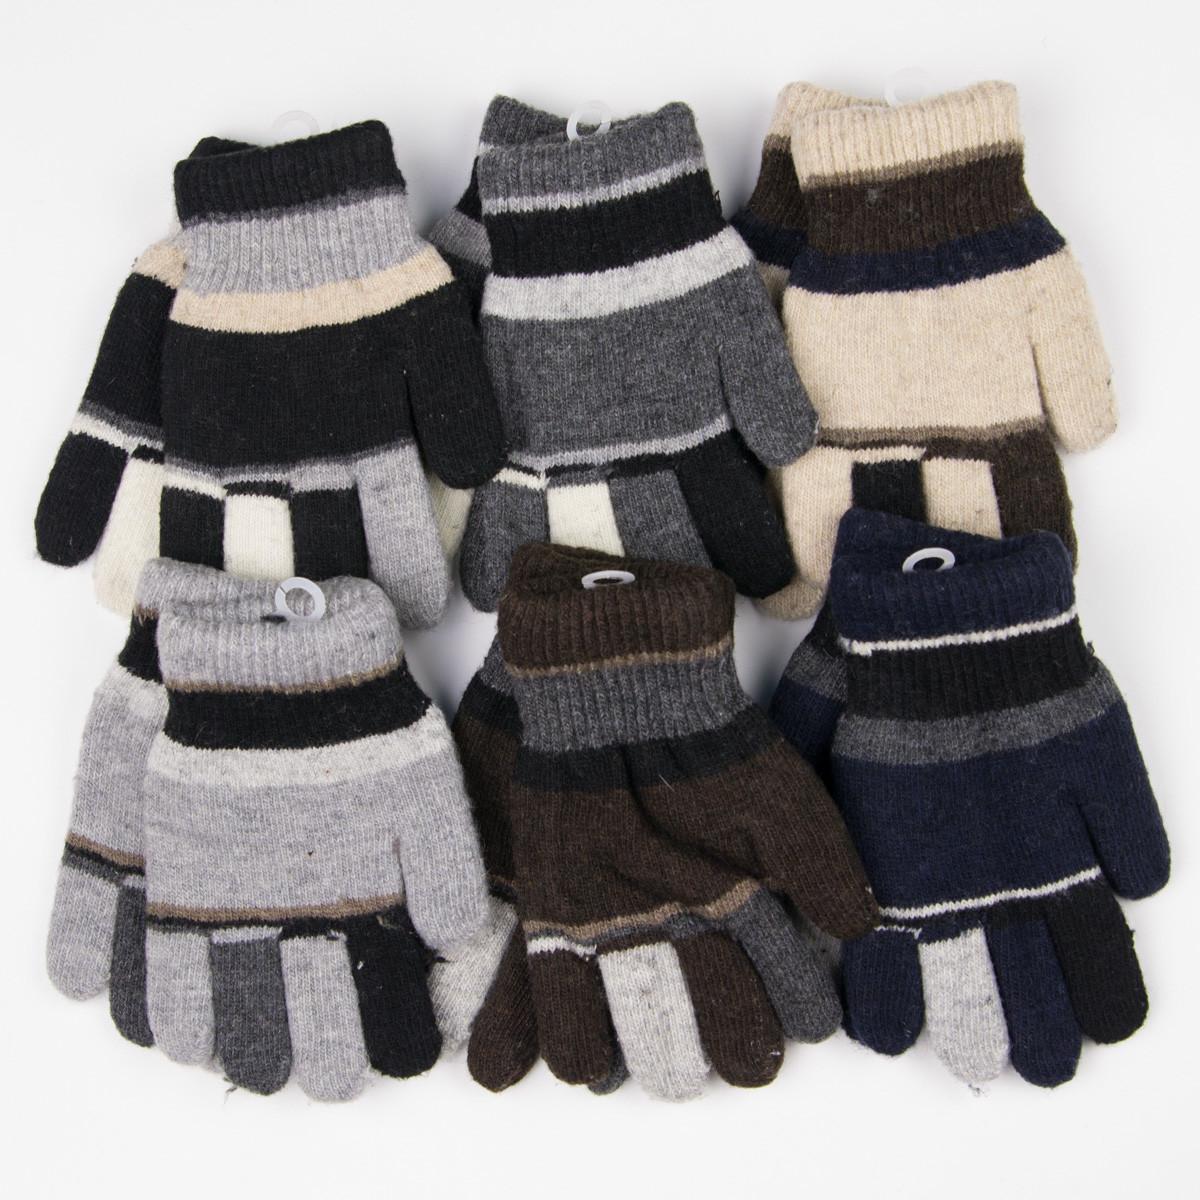 Оптом перчатки детские для мальчика двойные 3-5 лет - разные цвета - 14-5-22